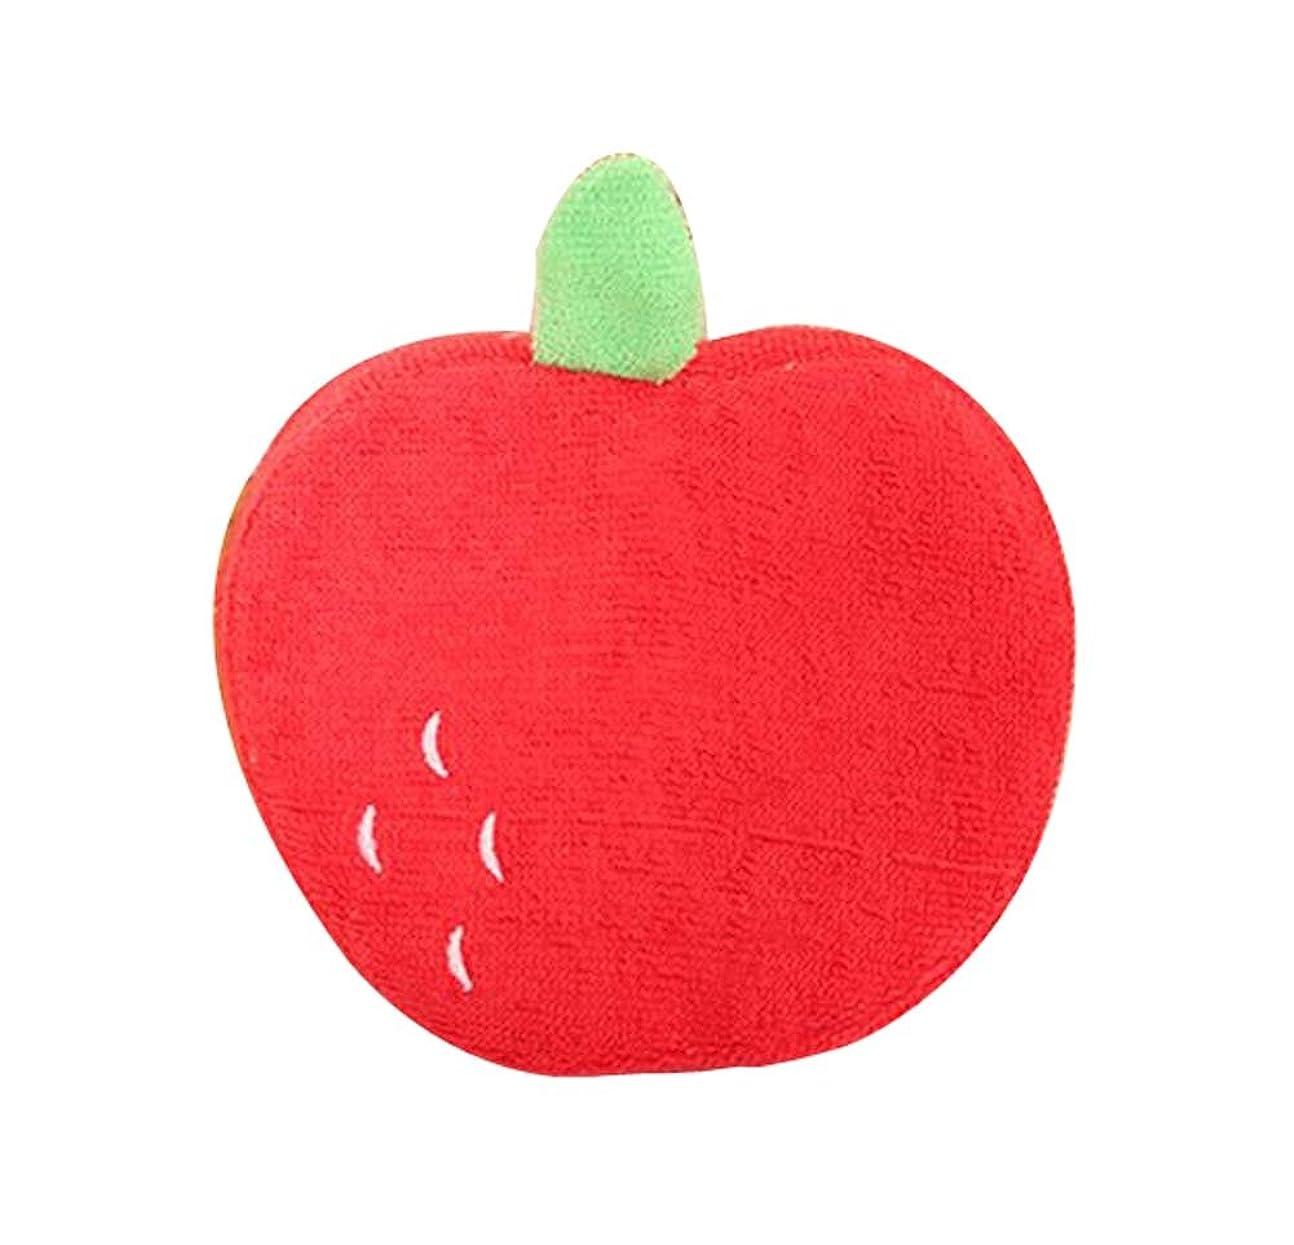 コーラス好奇心盛ヶ月目ステレオ感覚は強い果実の形ですベビーバスコットンバススポンジ、アップル